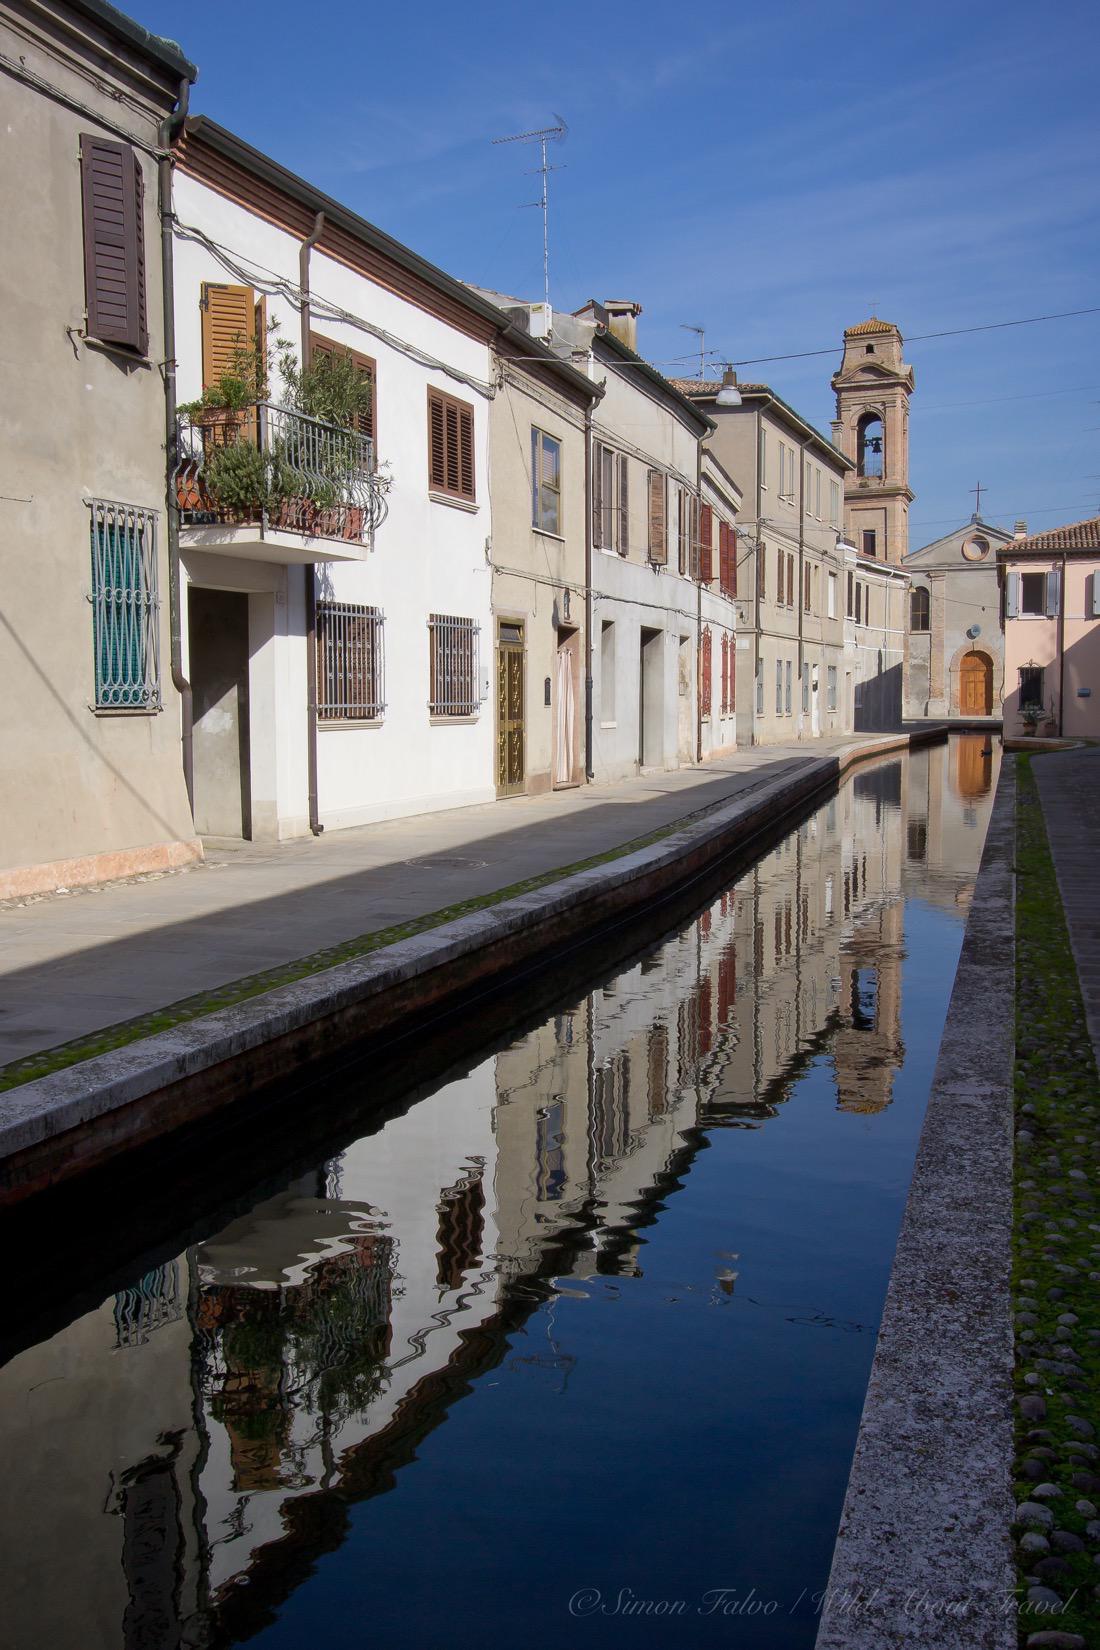 Italy, Comacchio